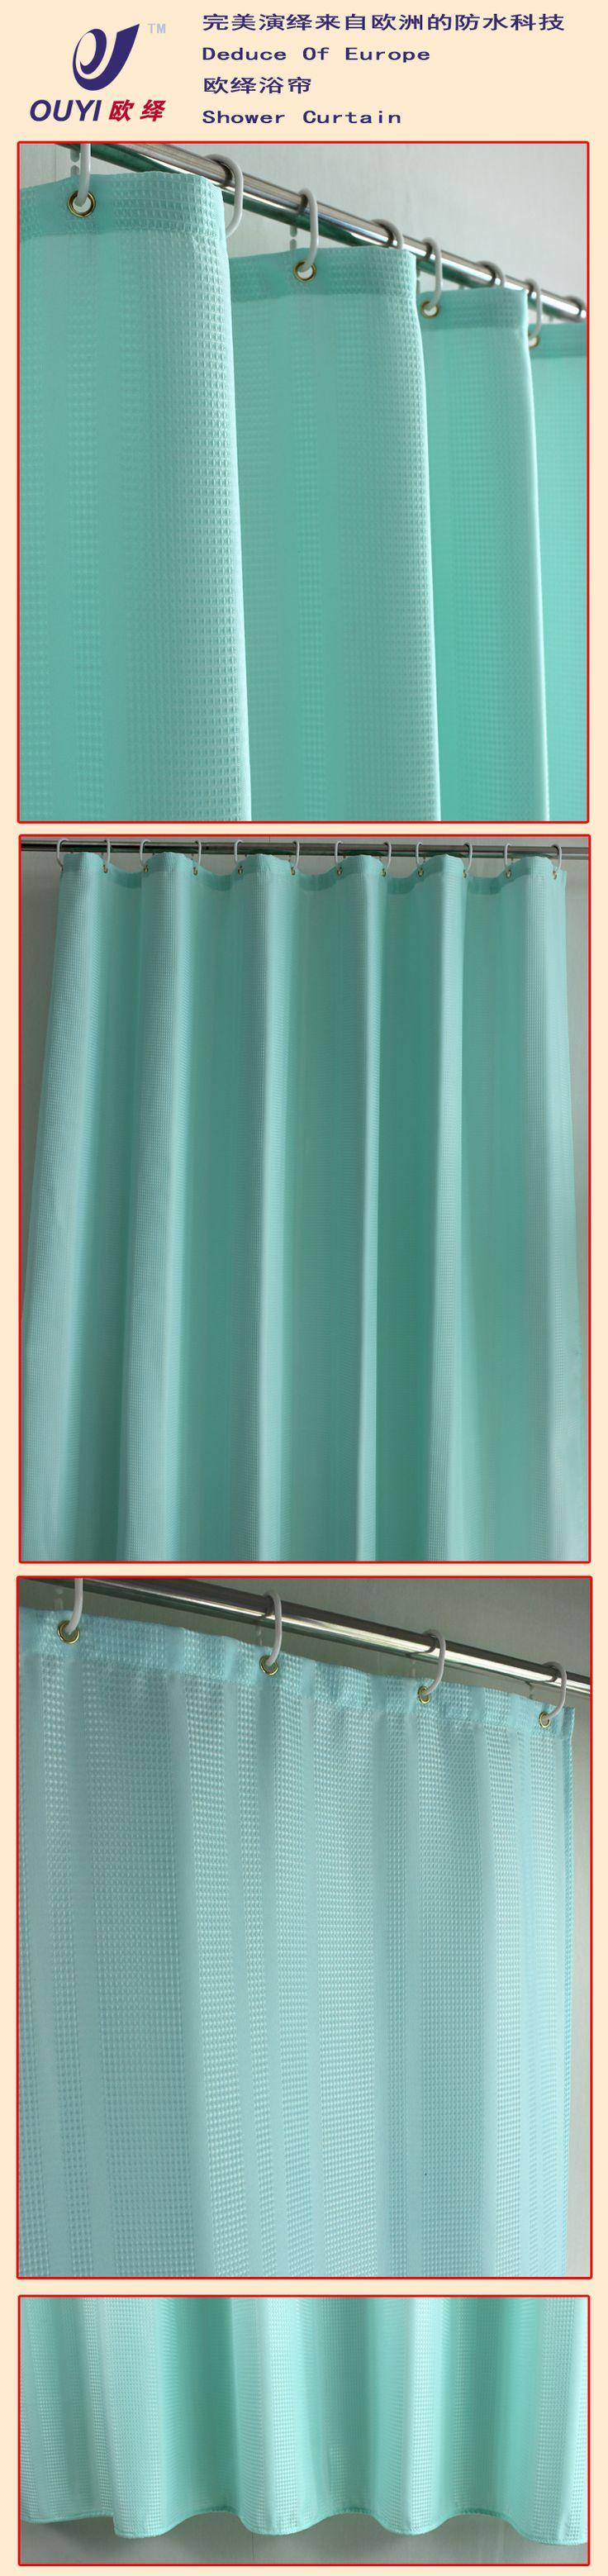 Новый современный высокое качество жаккардовые ткани для душа зеленый водонепроницаемый утолщение Terylene ванной занавески для купить на AliExpress